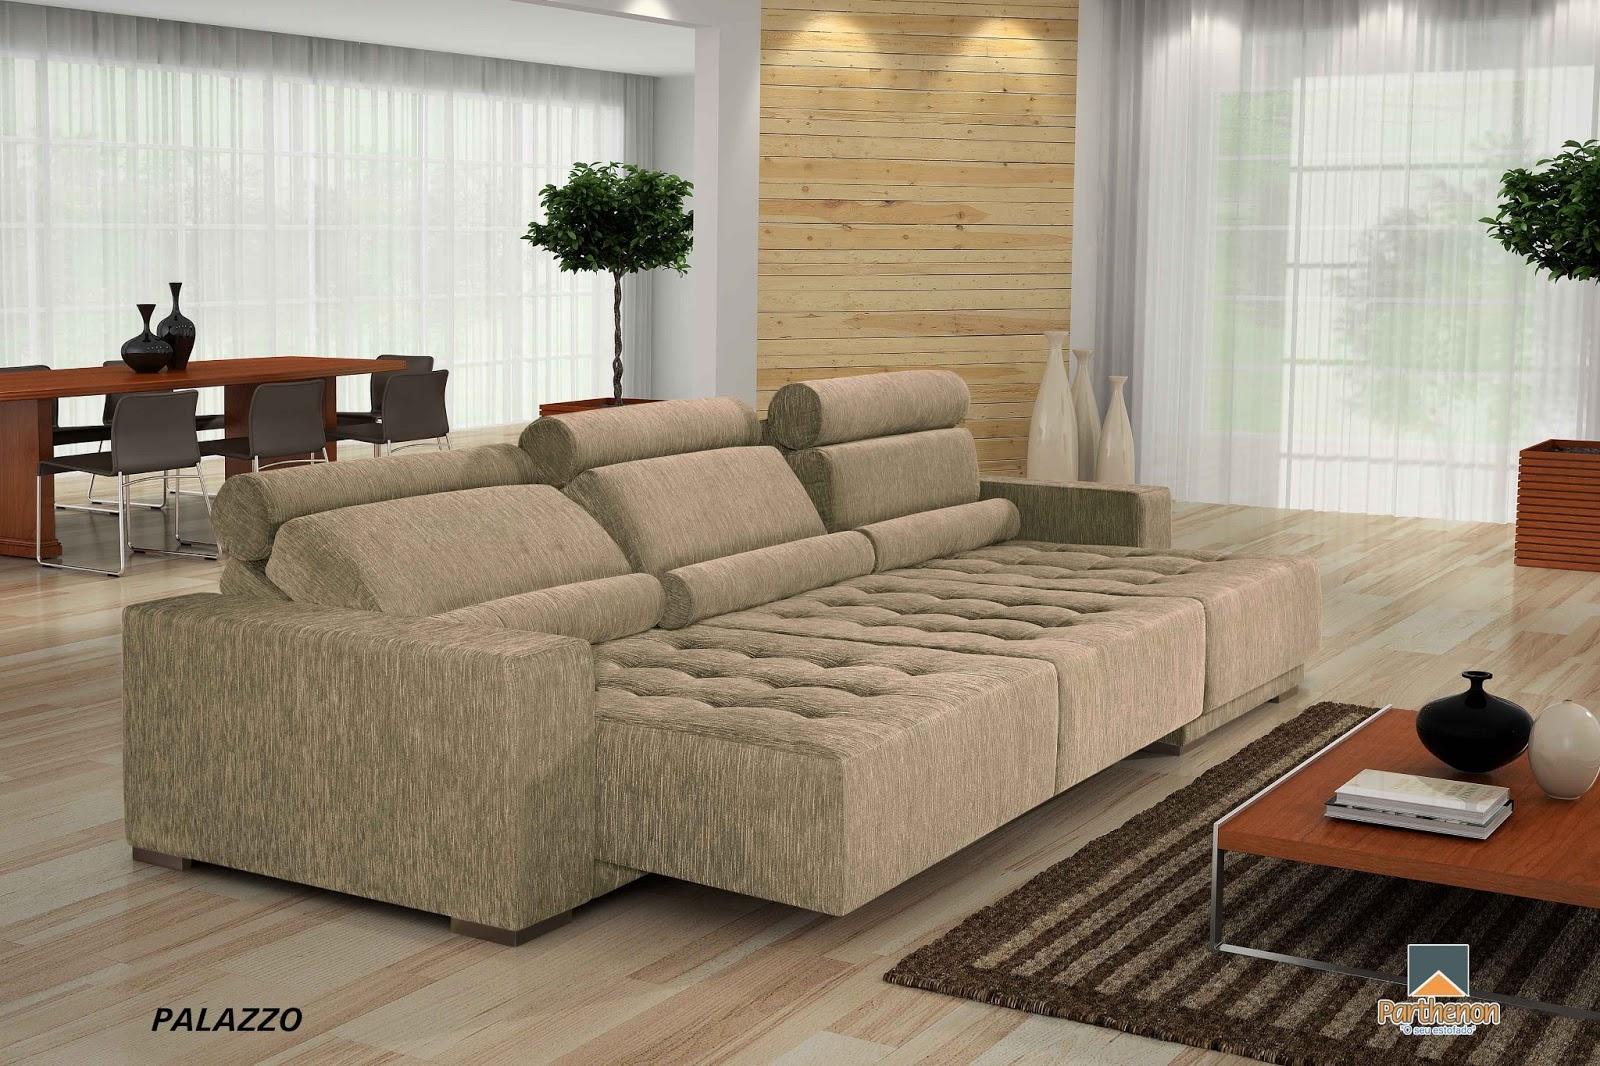 sofas modernos para sala de tv small living room with sofa and loveseat qual é o melhor sofá minha fotos lindos sofás